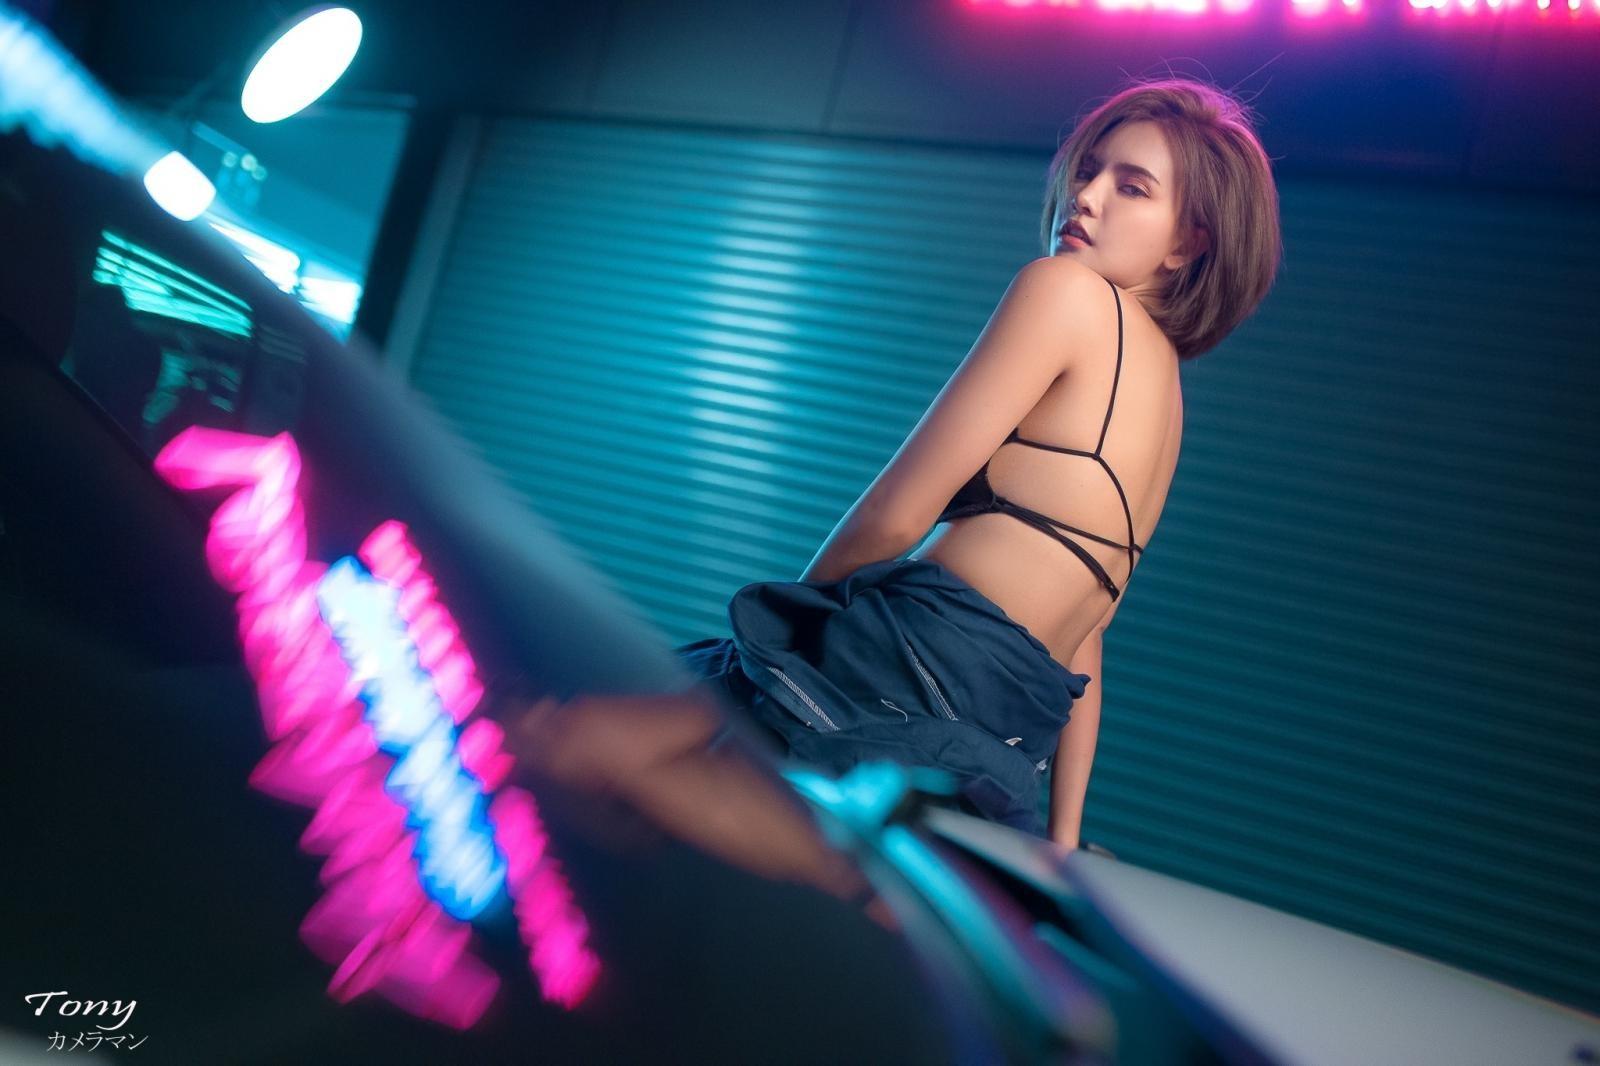 Chết mê trước vẻ đẹp không tì vết của người mẫu Thái Lan Sutasinee Siriruke - 12